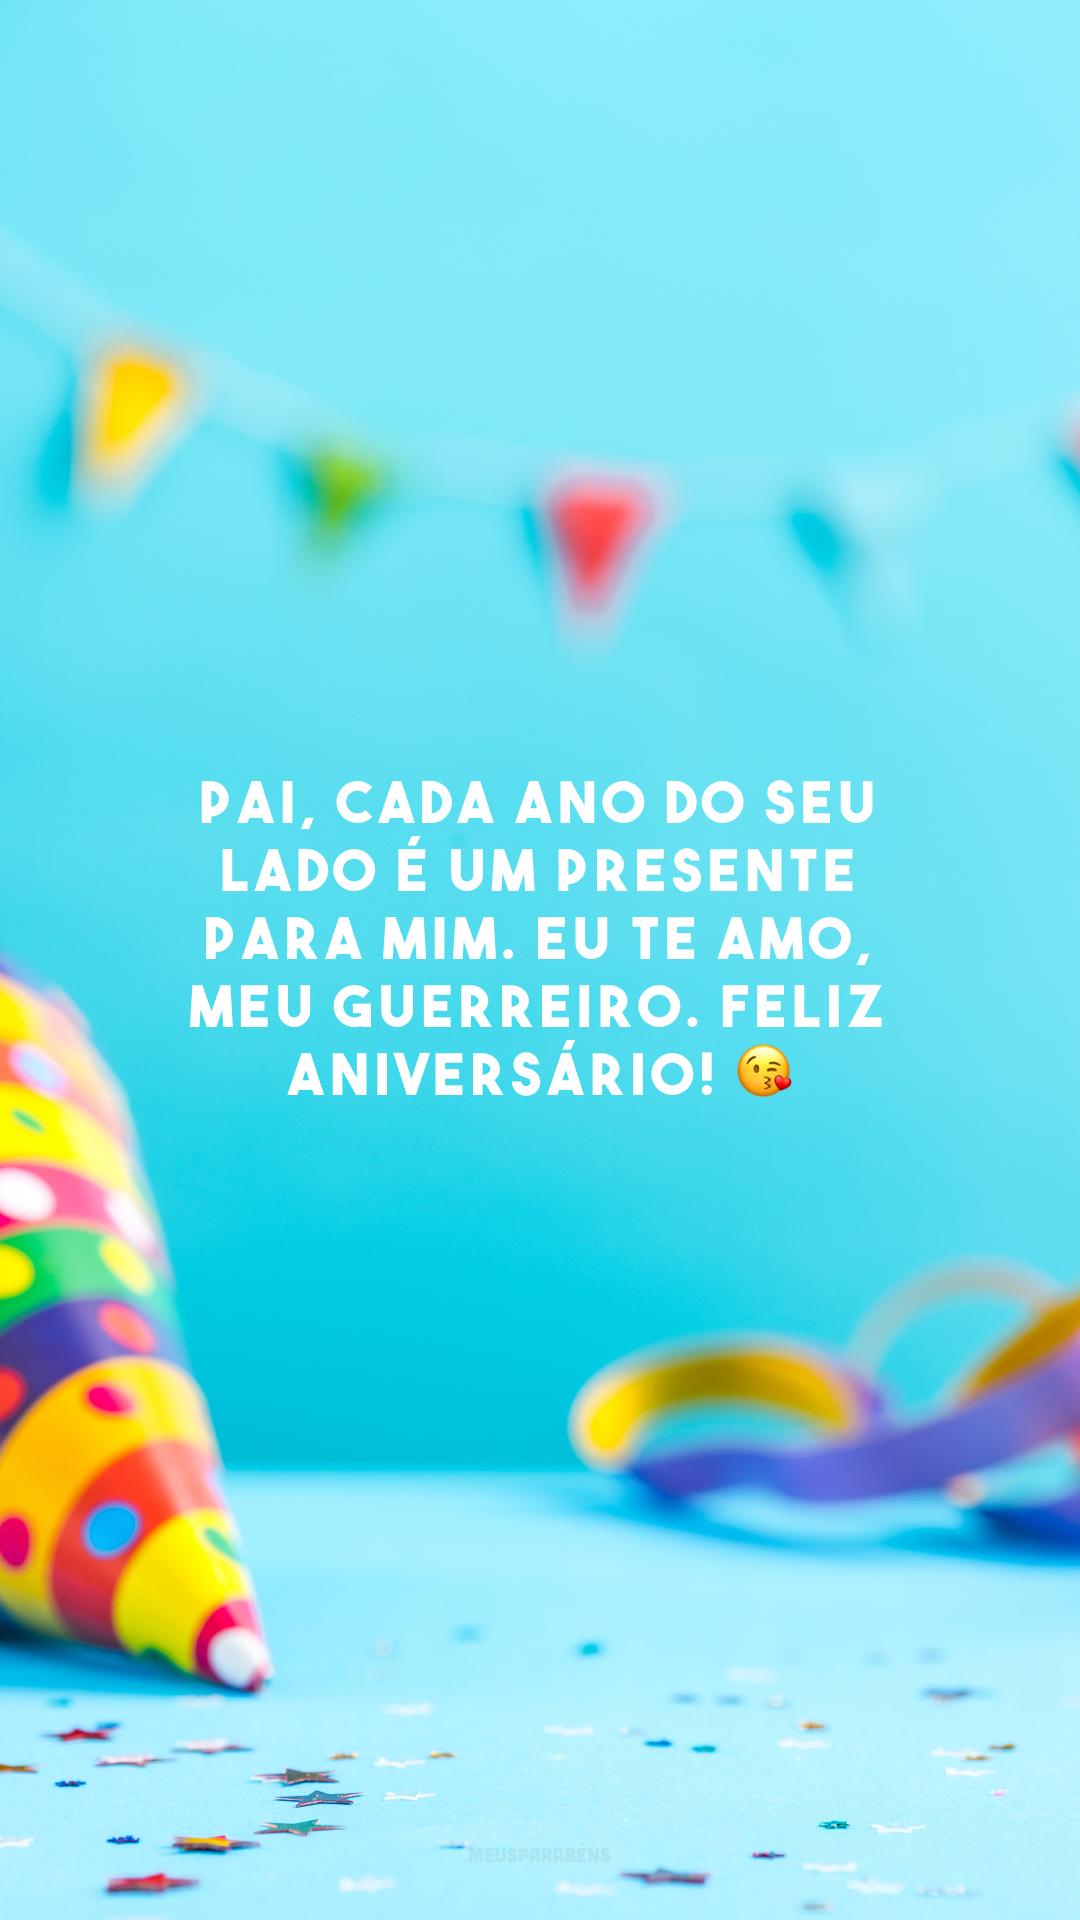 Pai, cada ano do seu lado é um presente para mim. Eu te amo, meu guerreiro. Feliz aniversário! 😘